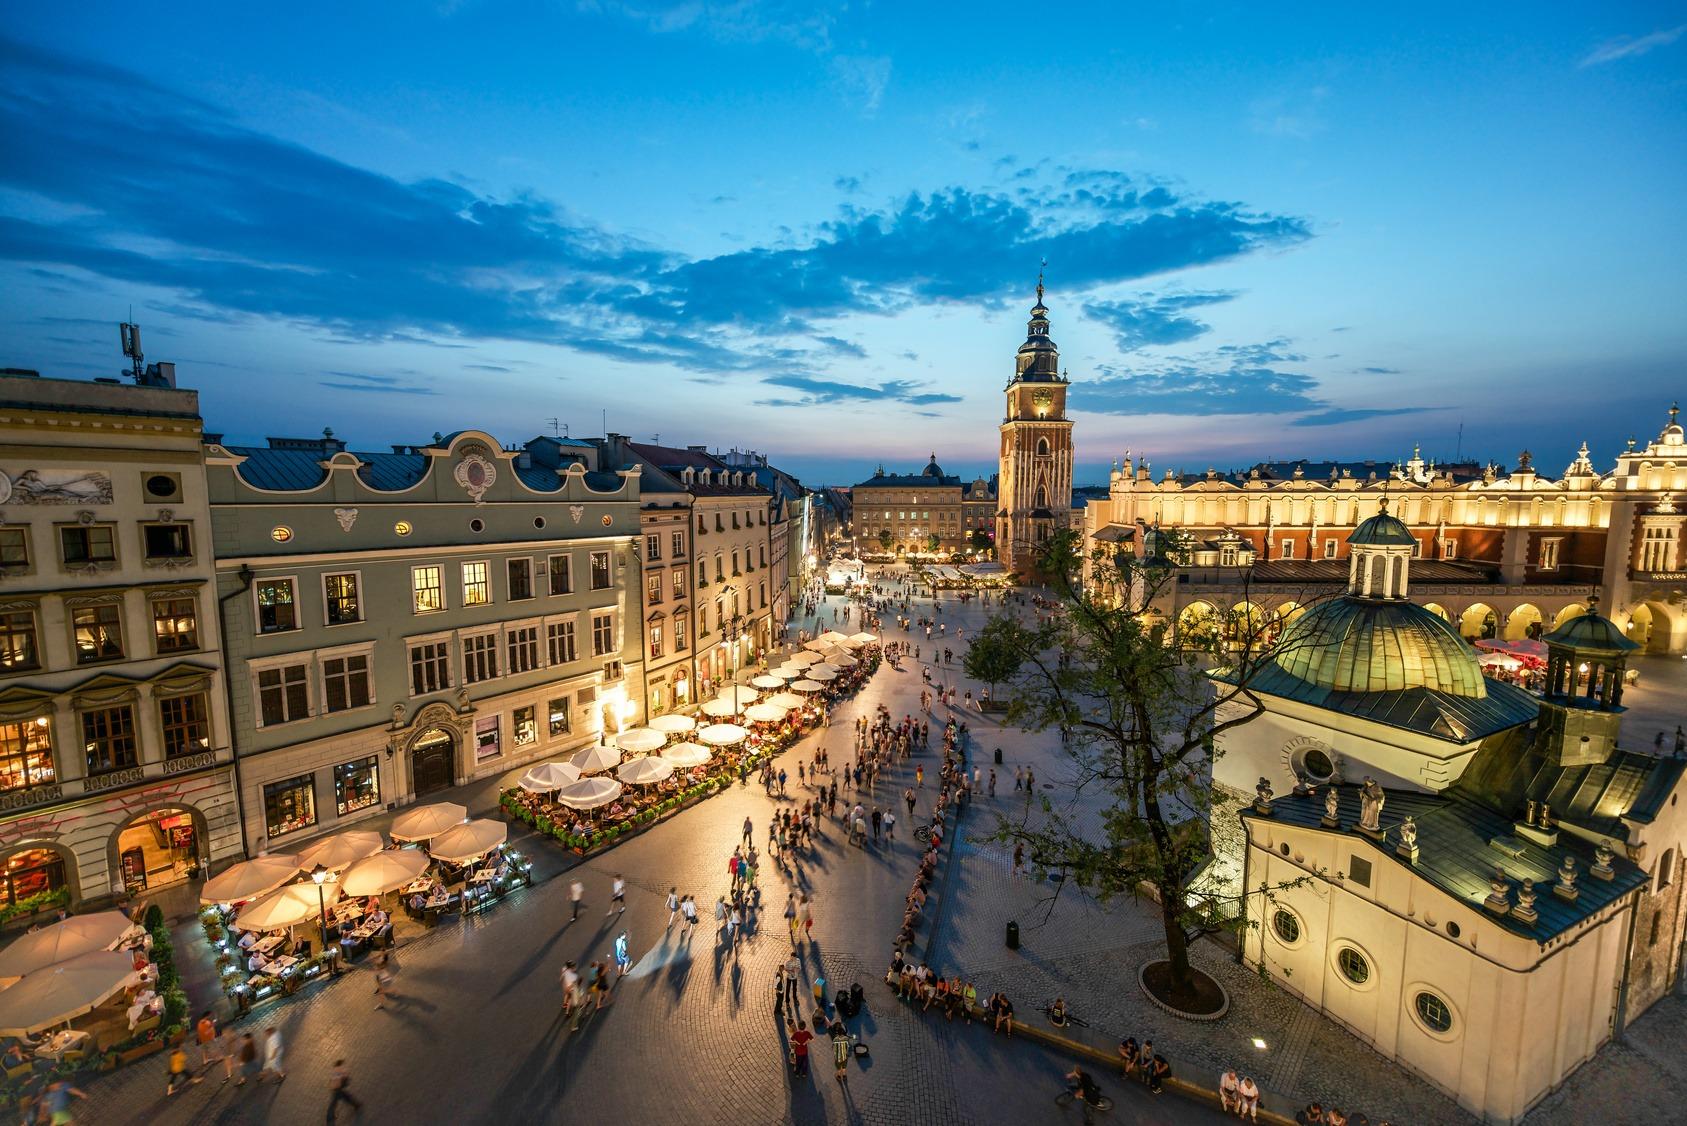 Festiwale w Krakowie